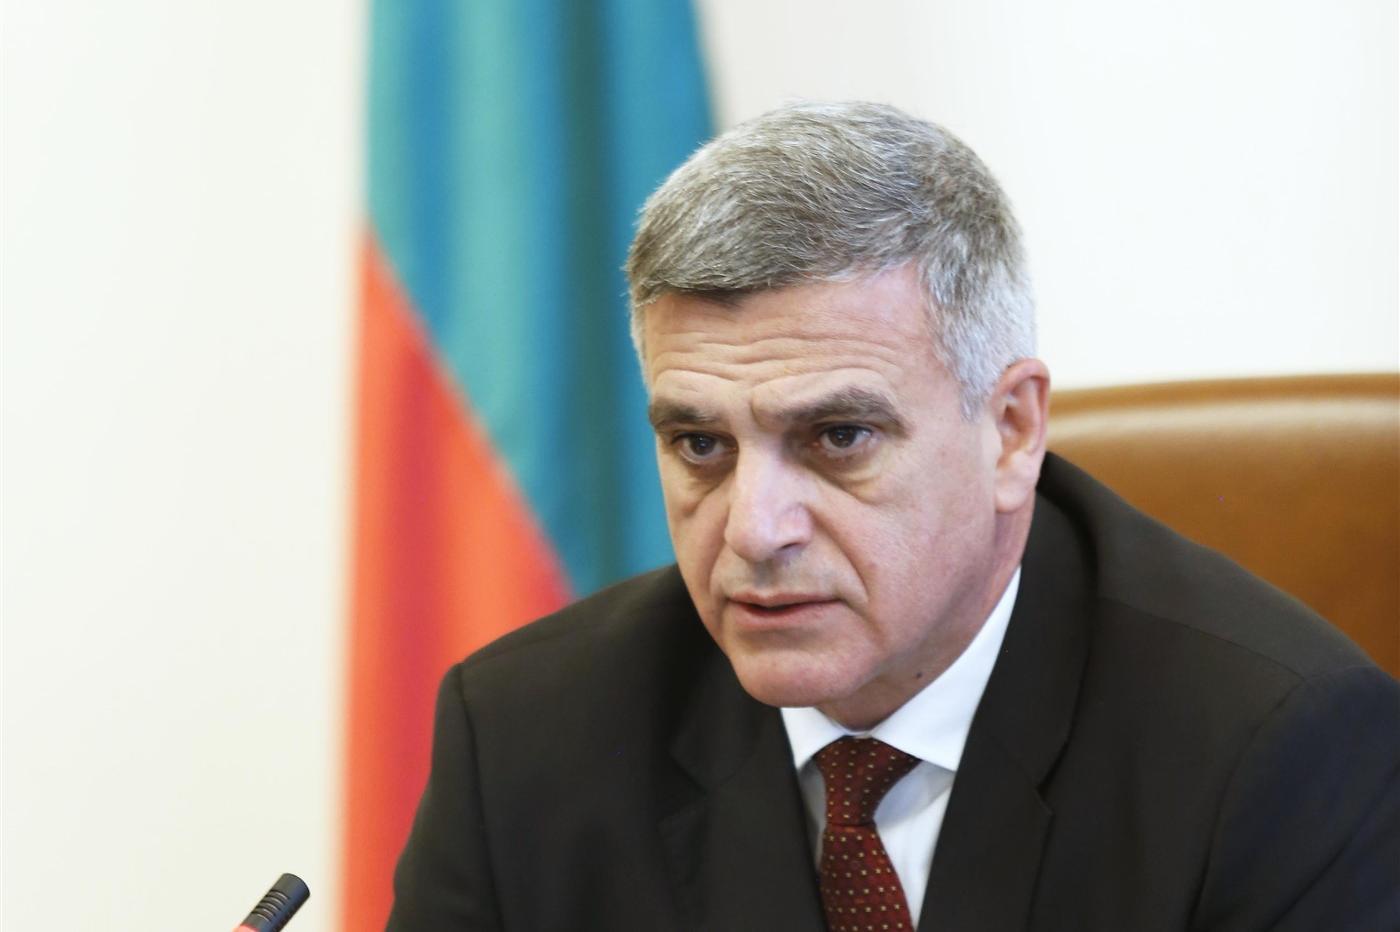 Зоран Заев идва в София на 17 юни, ще има среща с премиера Стефан Янев